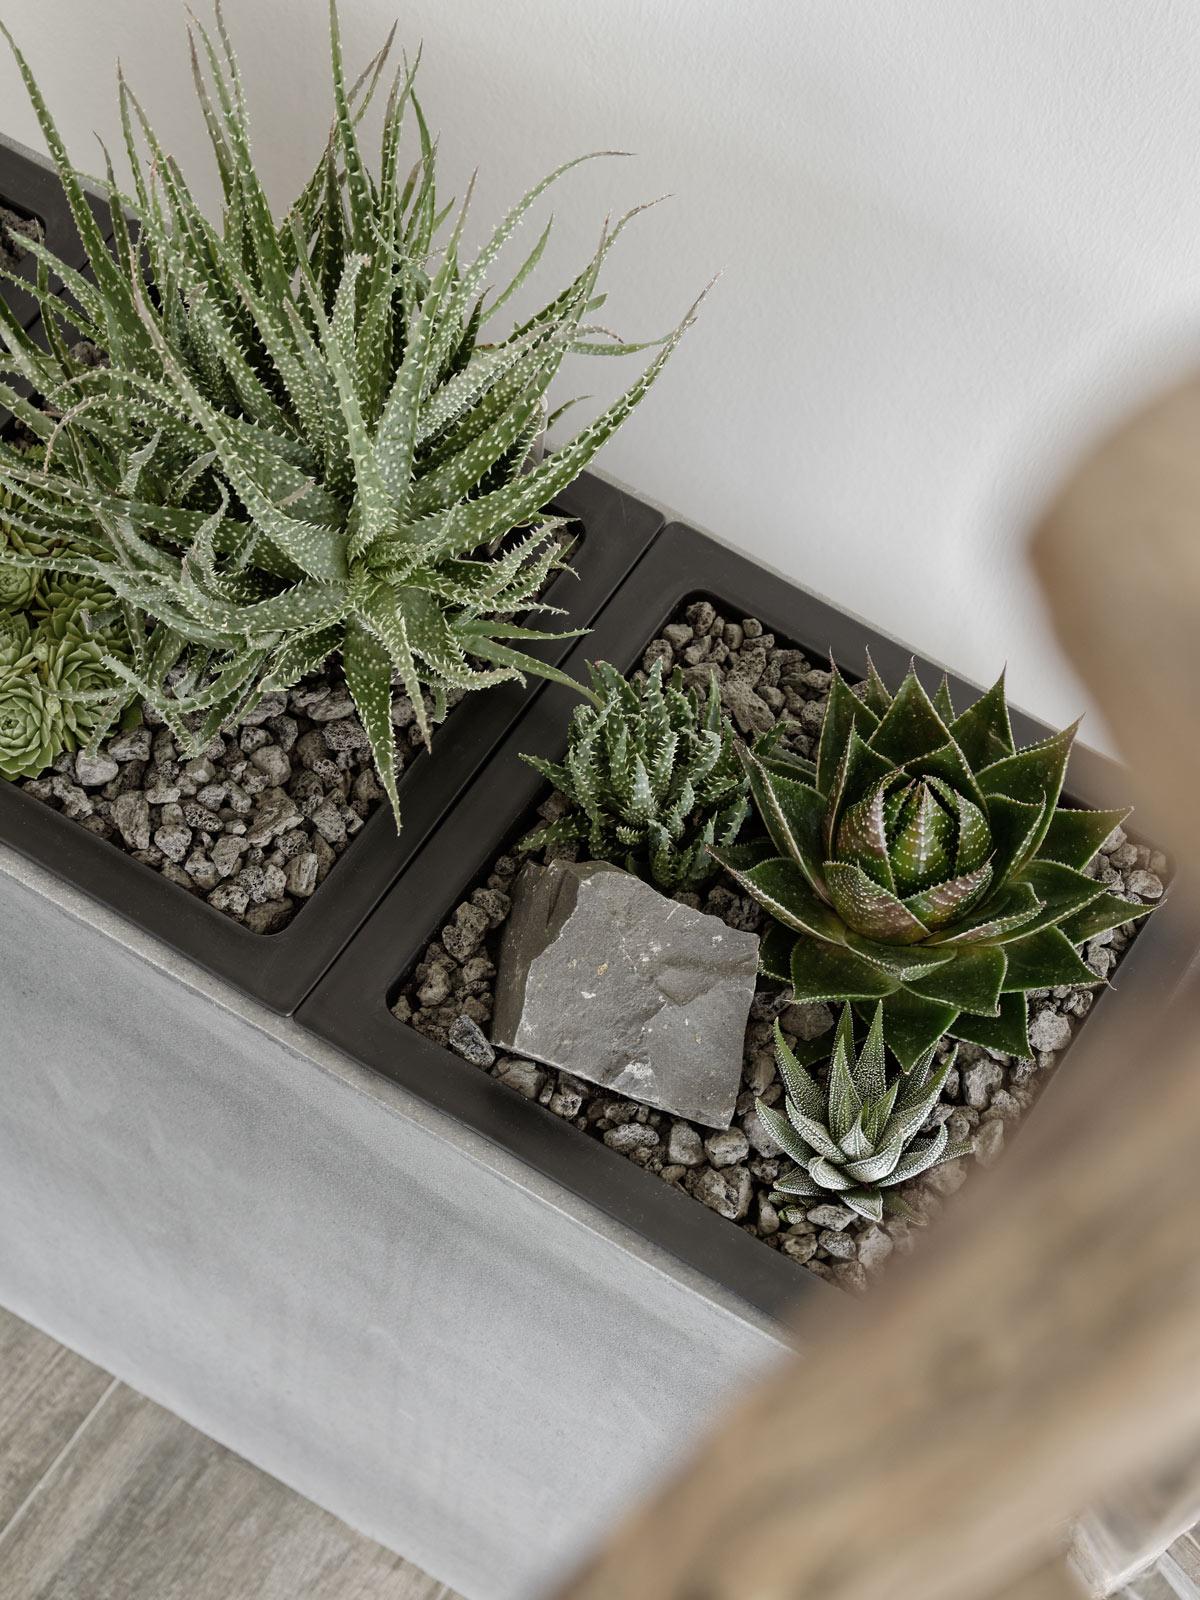 steingarten-mit-sukkulenten-im-wohnzimmer